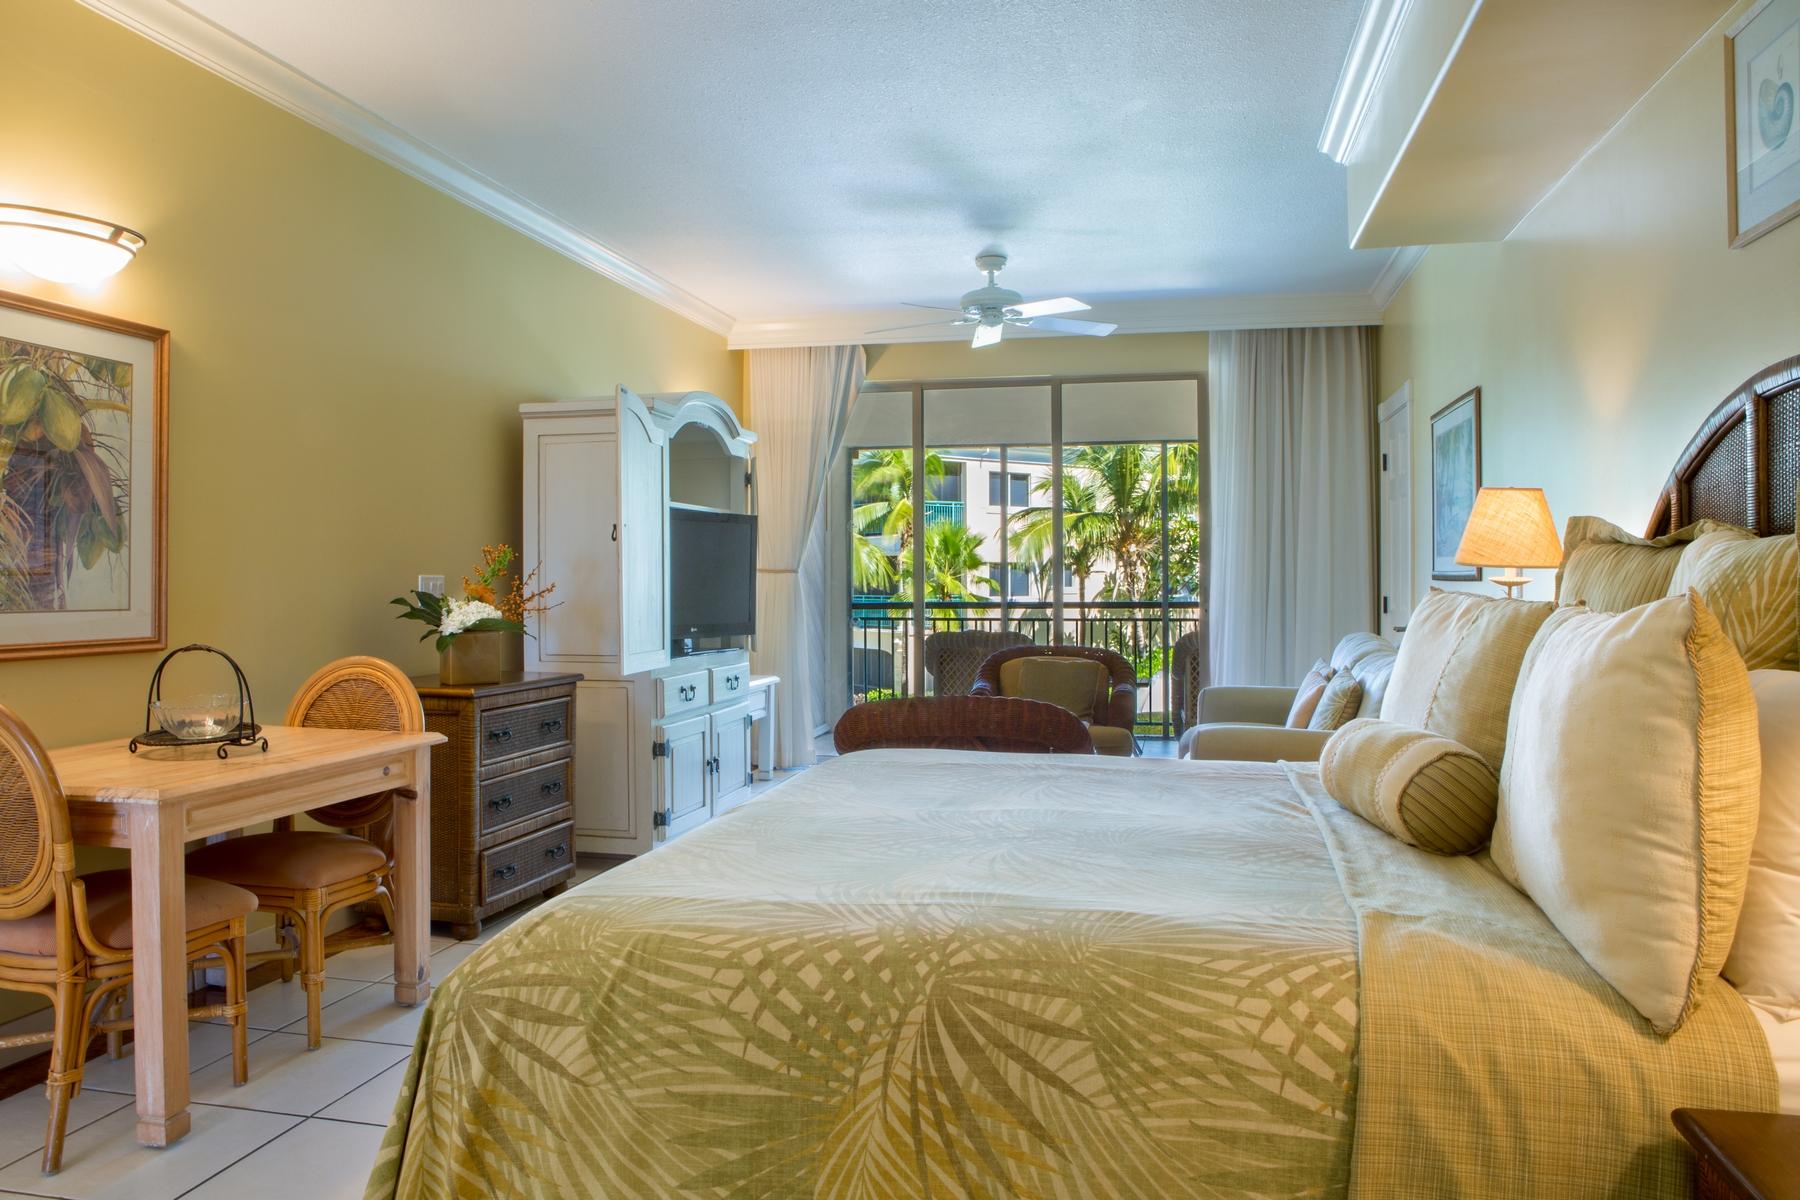 Eigentumswohnung für Verkauf beim The Sands at Grace Bay - Suite 5202 The Sands On Grace Bay, Grace Bay, Providenciales Turks- Und Caicosinseln